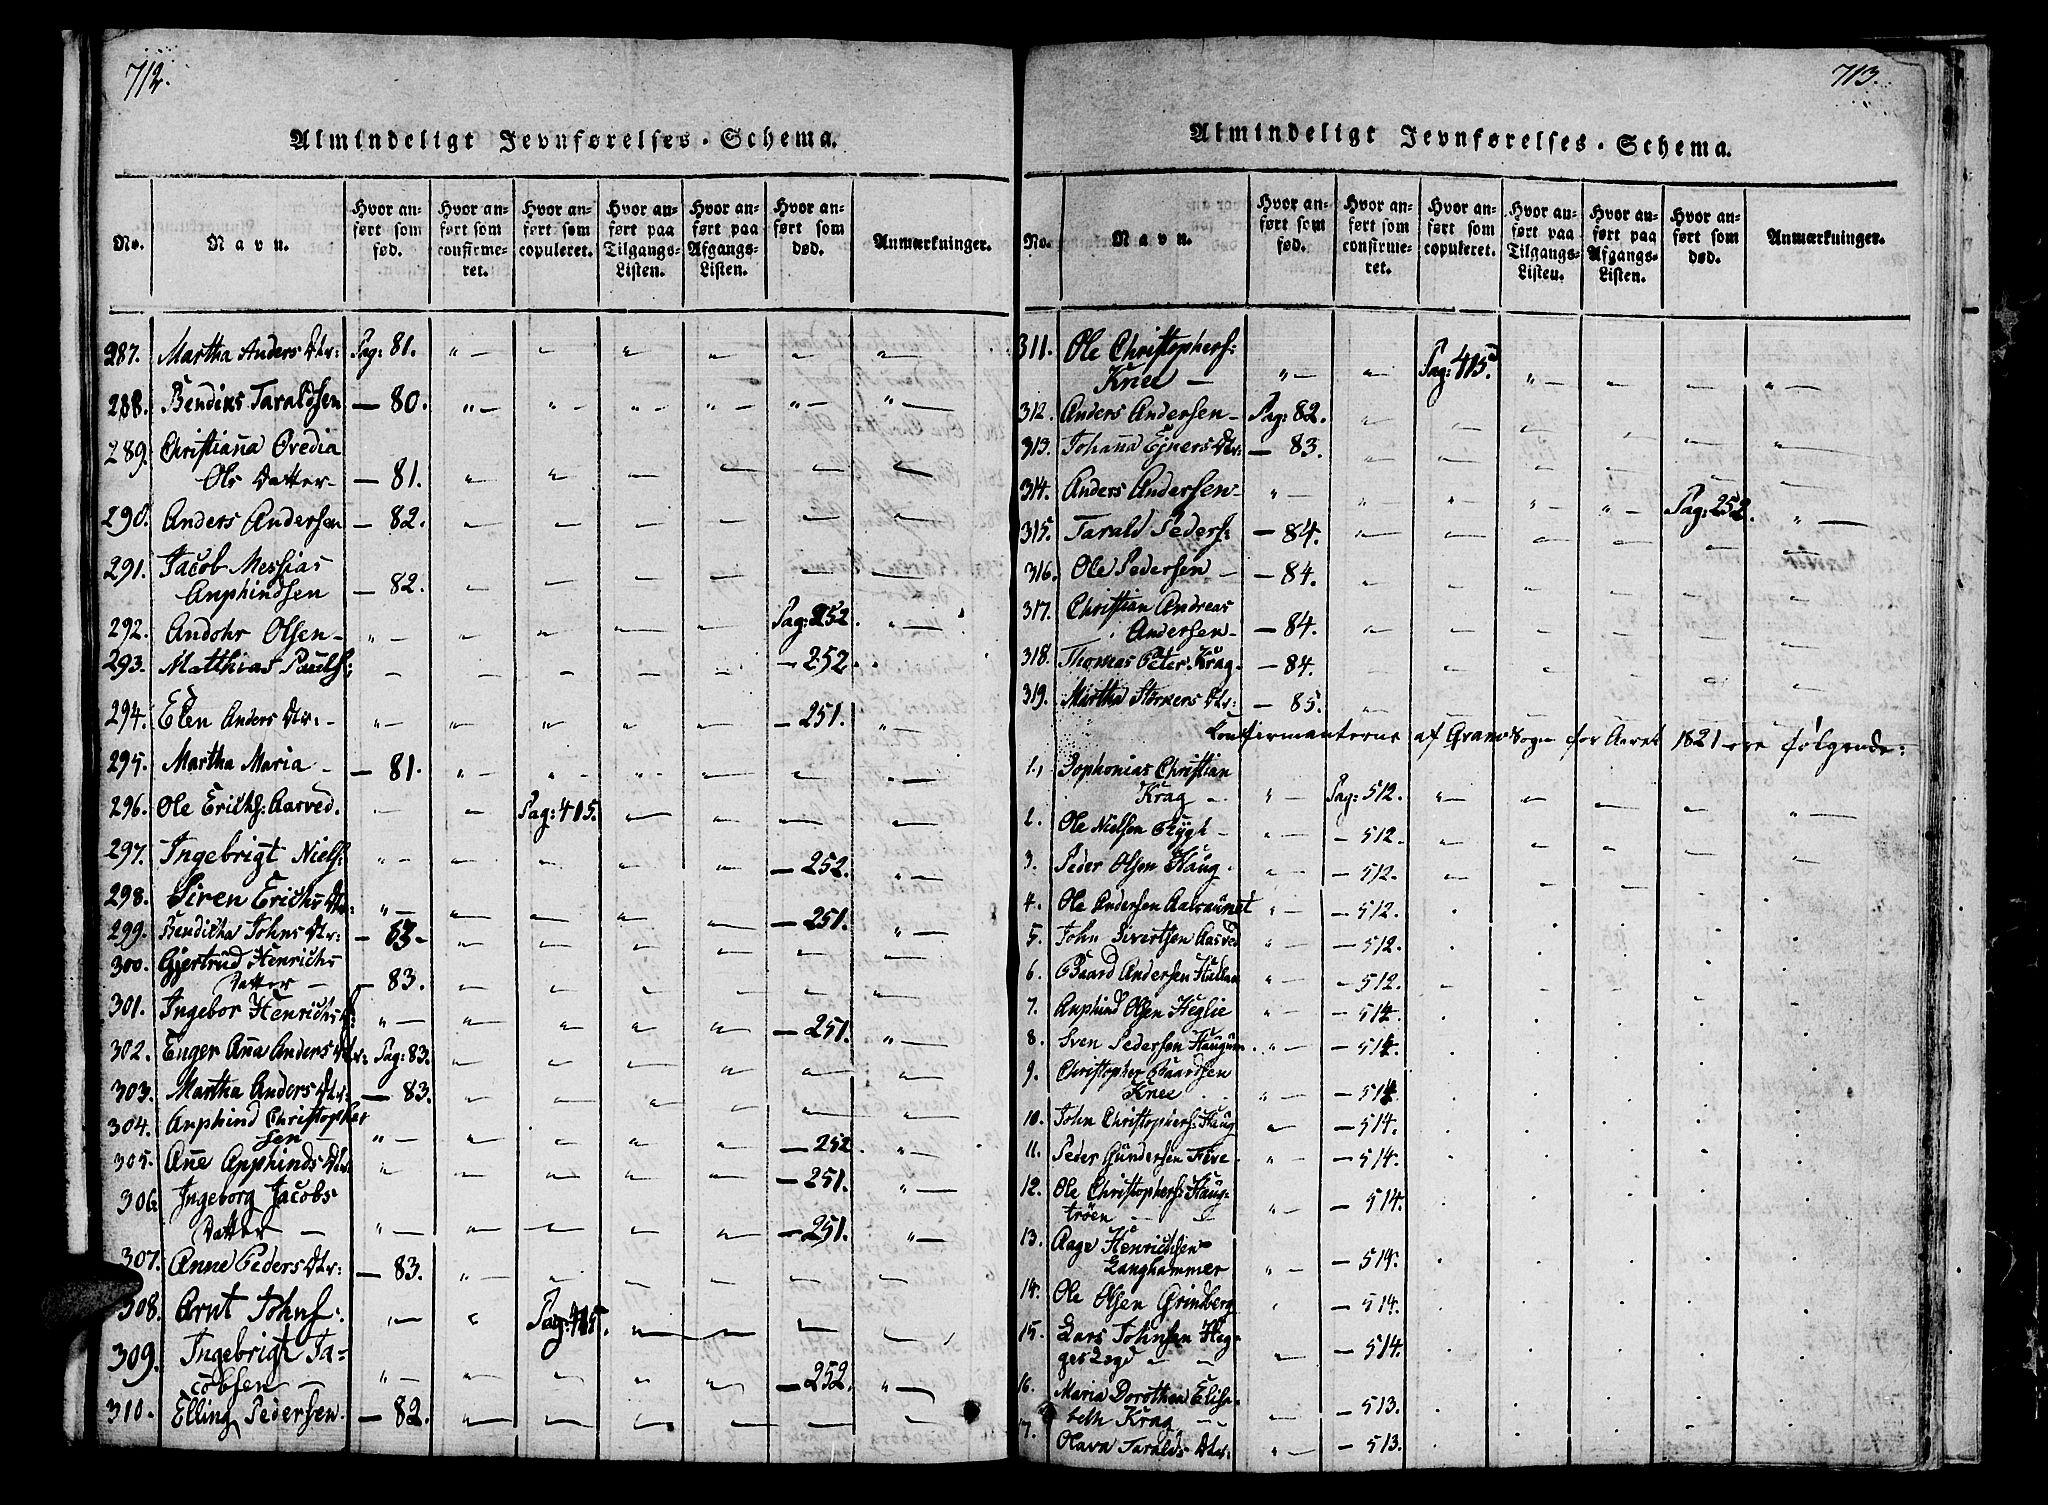 SAT, Ministerialprotokoller, klokkerbøker og fødselsregistre - Nord-Trøndelag, 746/L0441: Ministerialbok nr. 746A03 /2, 1816-1827, s. 712-713